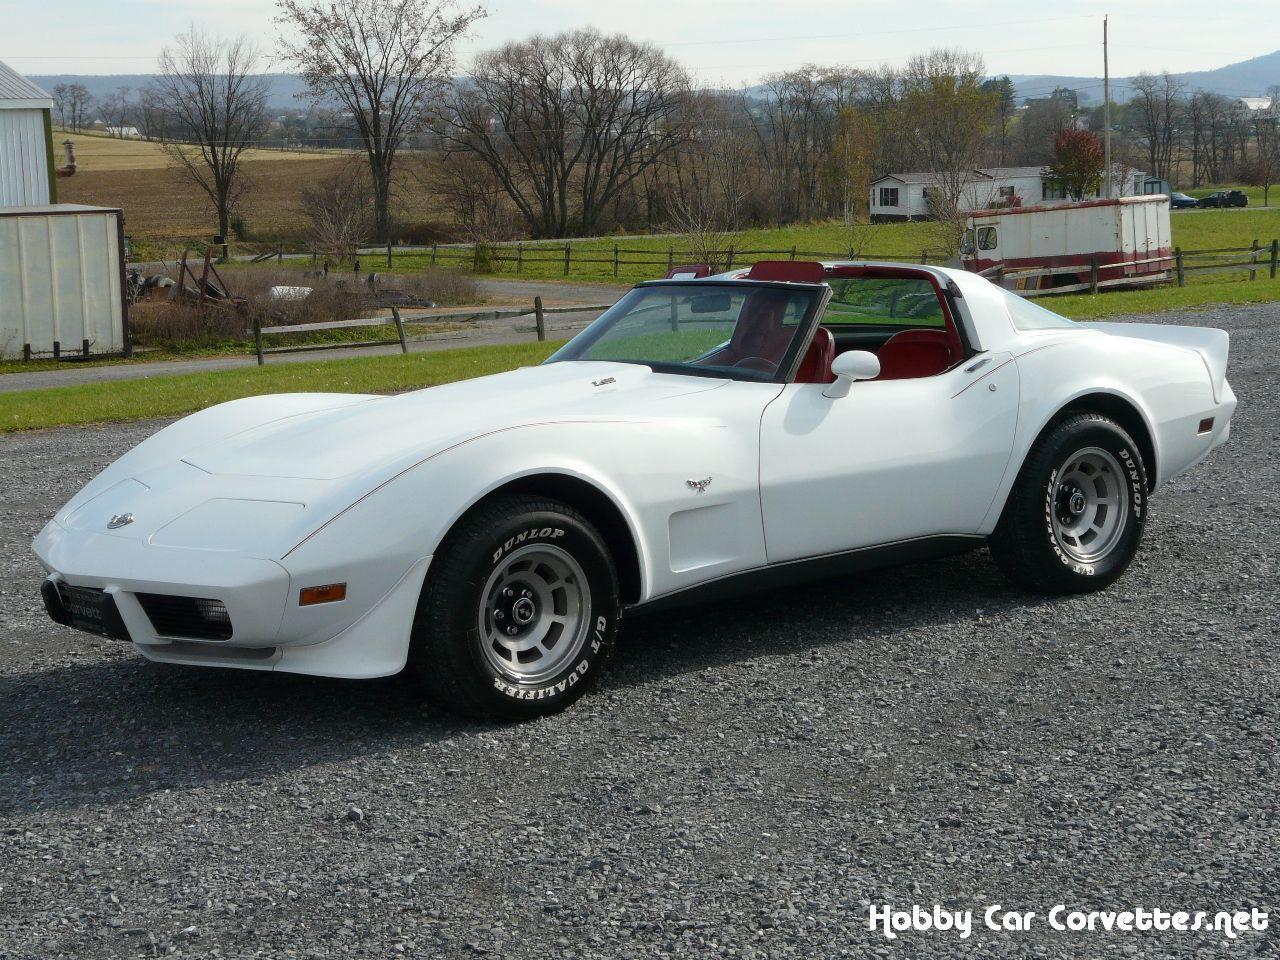 Kelebihan Corvette 78 Spesifikasi